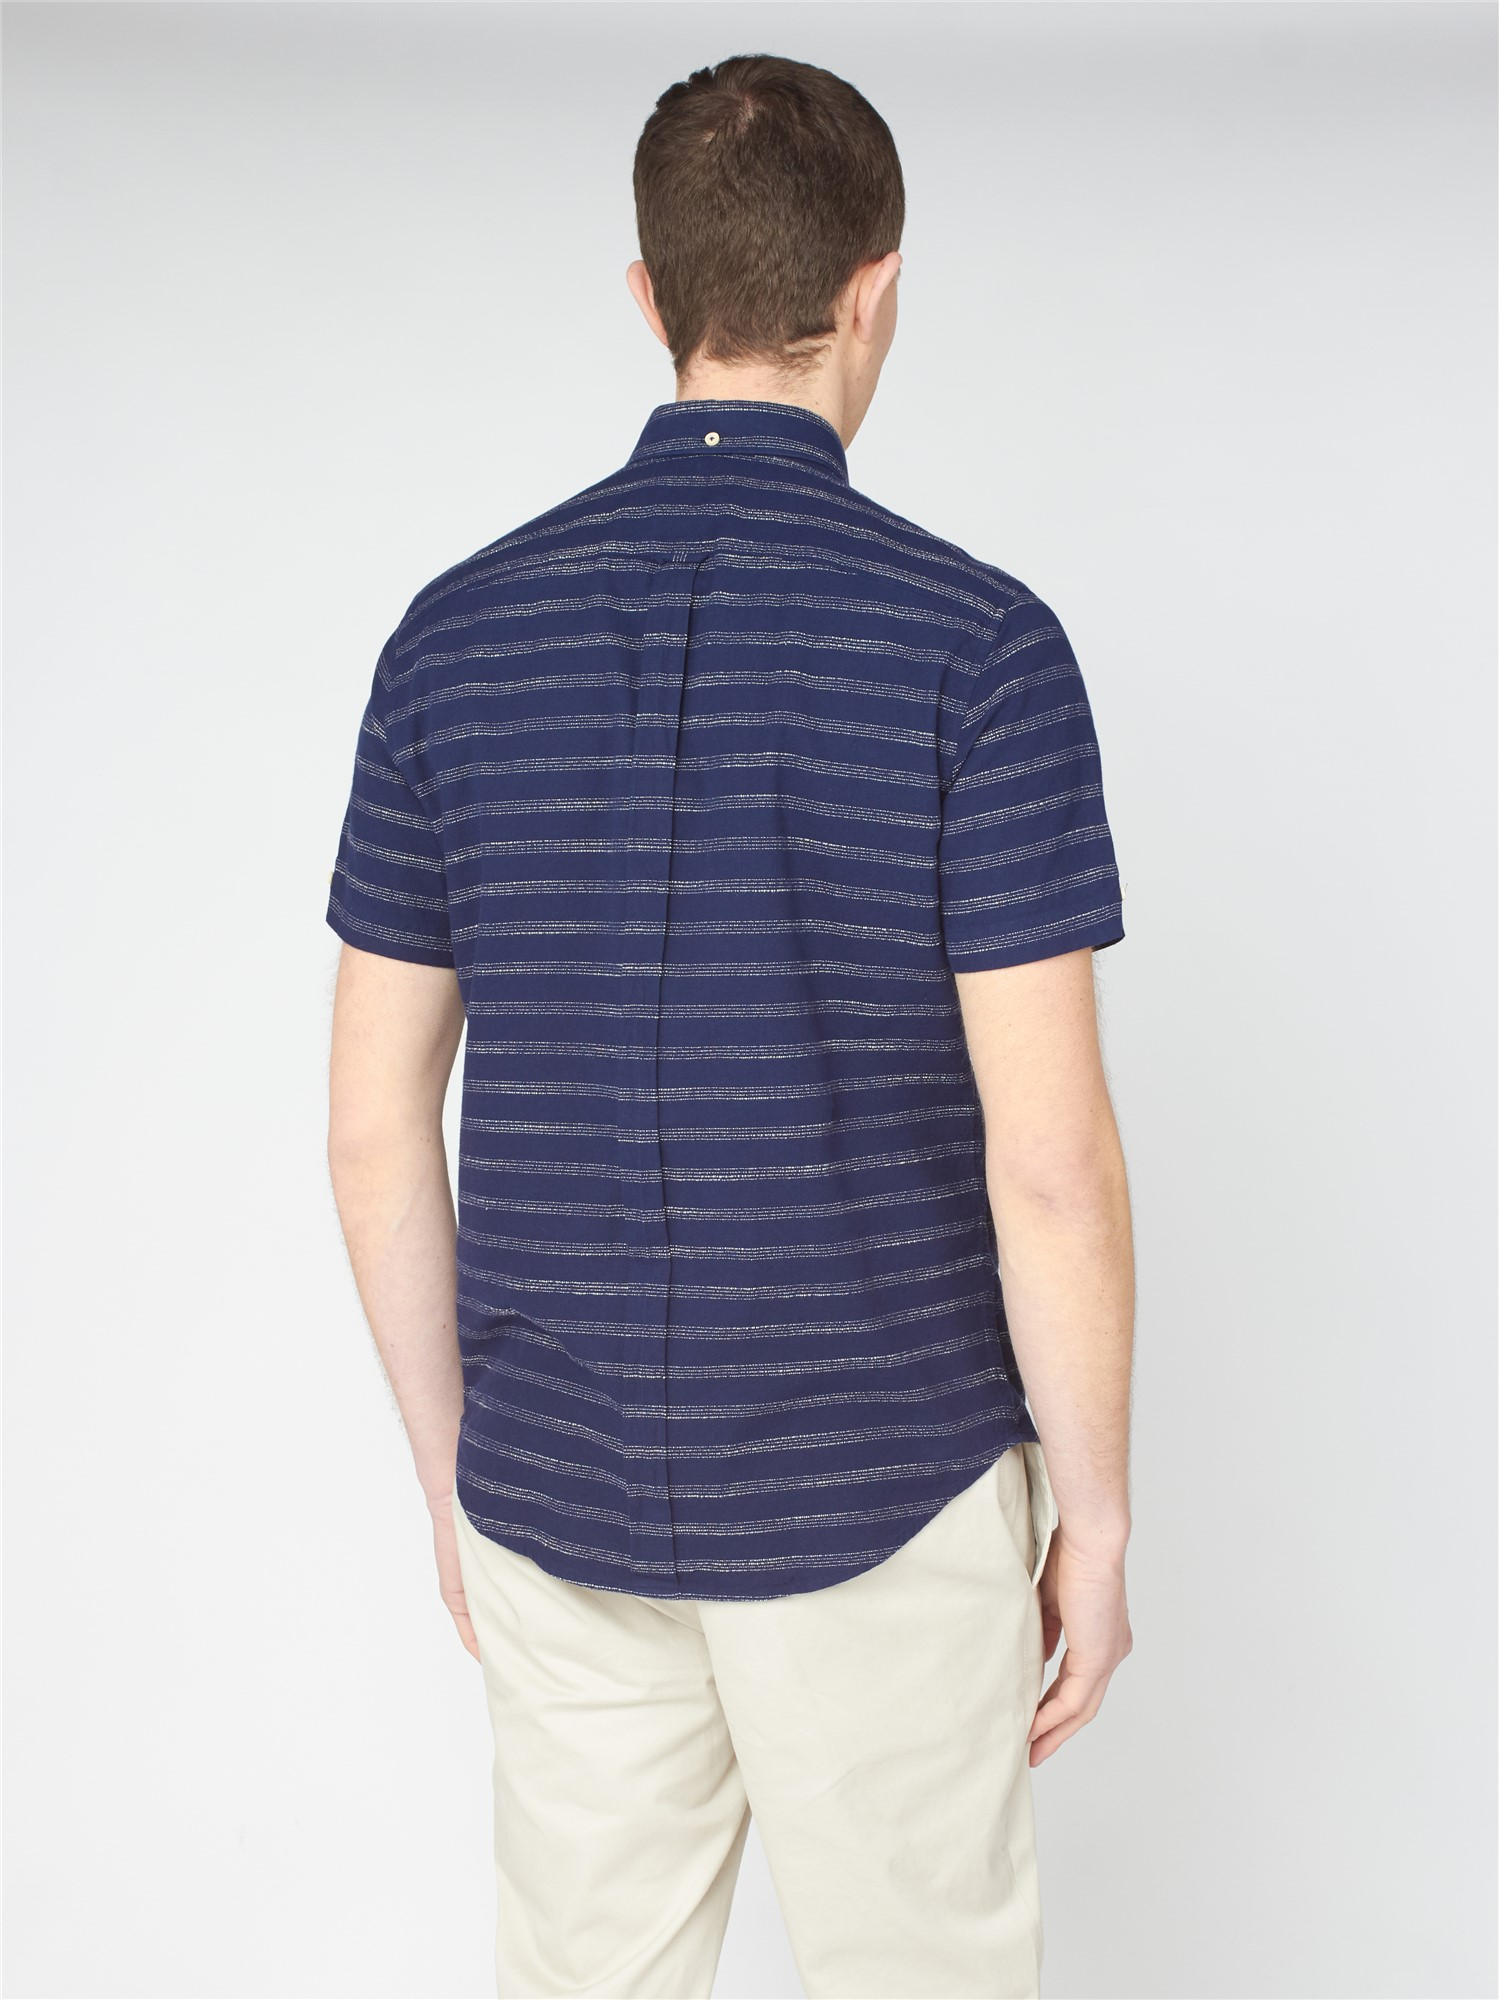 Texture Striped Shirt